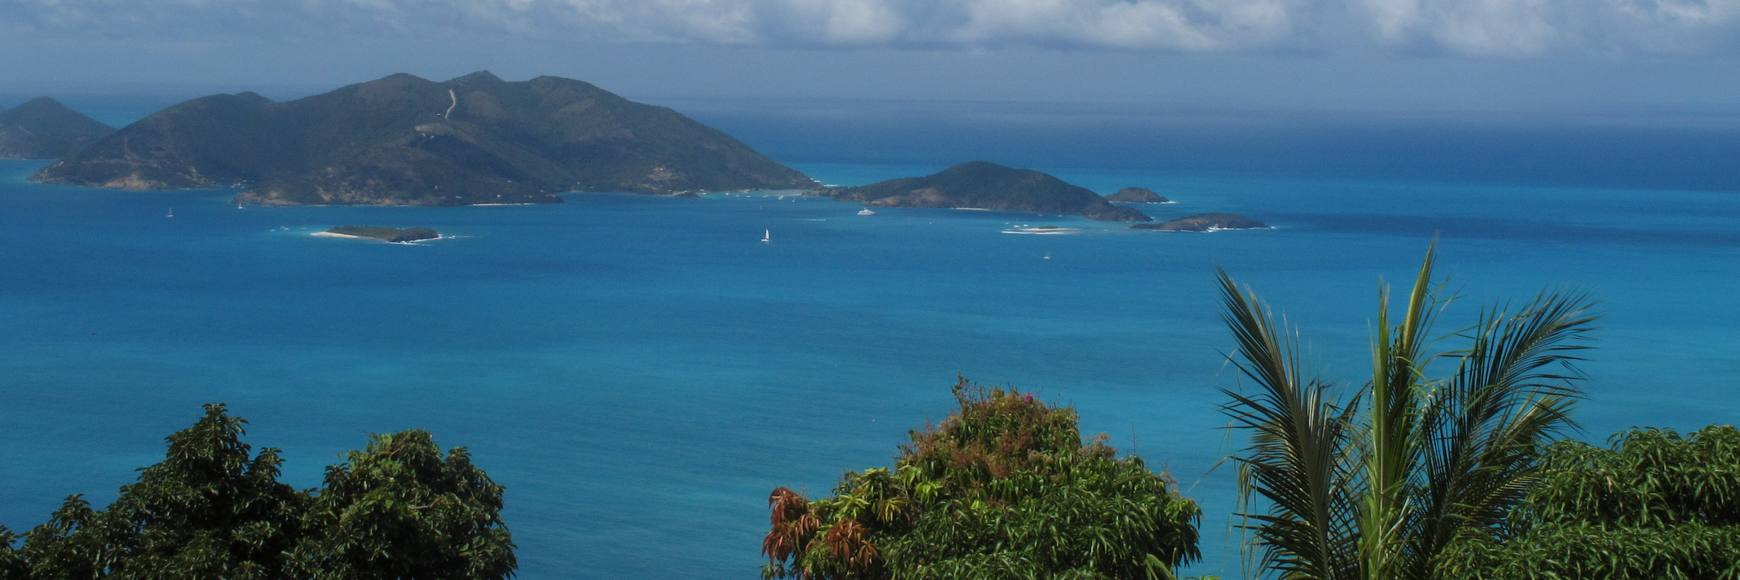 Location catamaran Îles Vierges britanniques